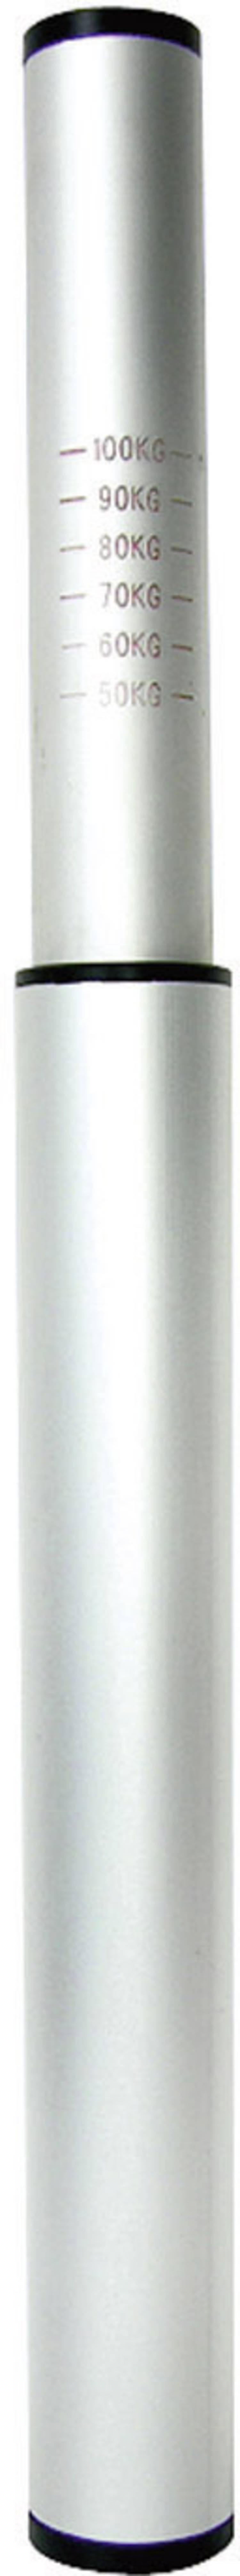 Image of LAS 11818 Disselweger Aluminium